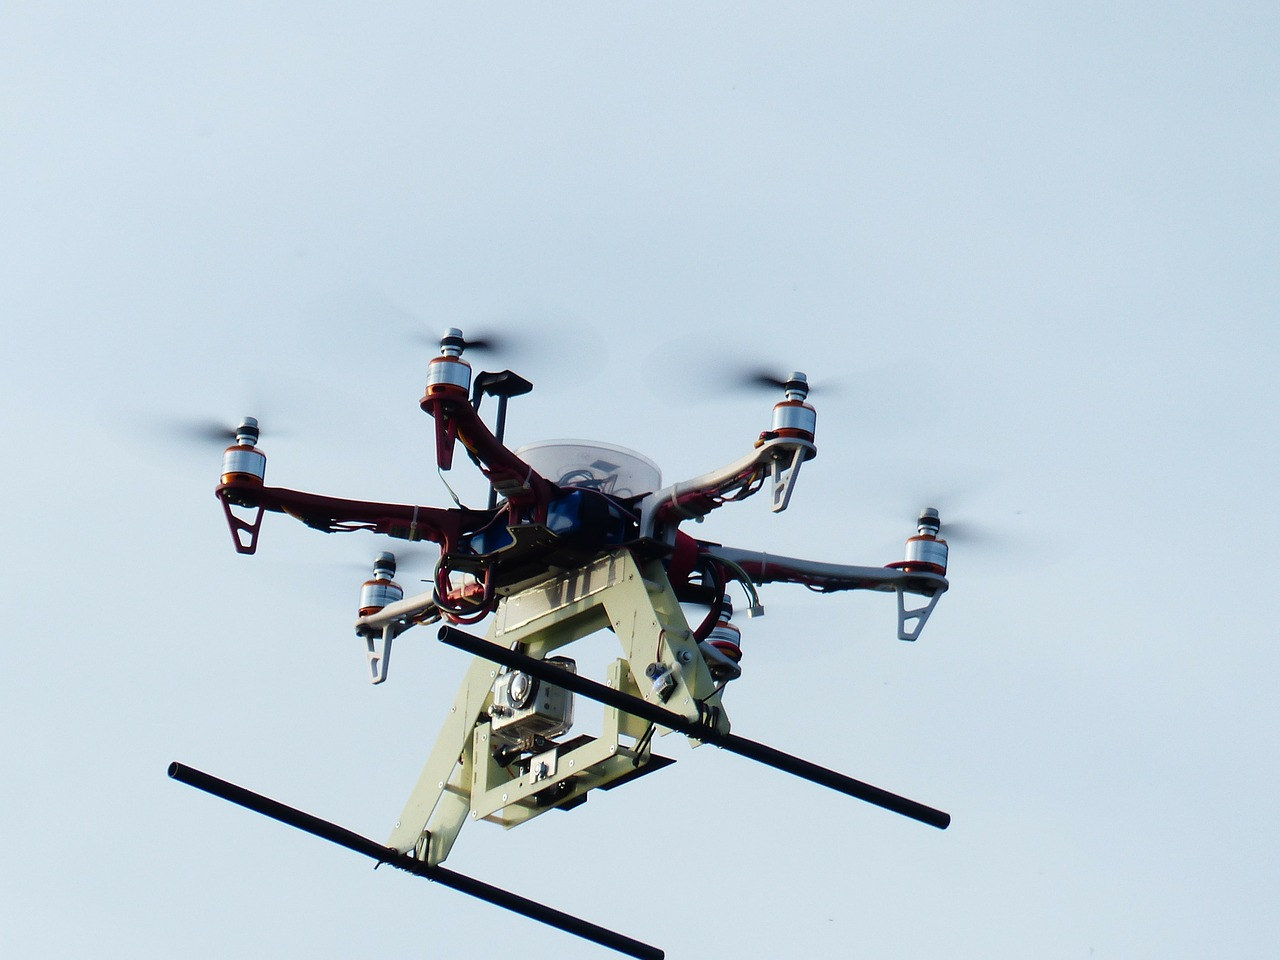 Arriva il Drone-ambulanza. L'invenzione che può salvare tante vite.